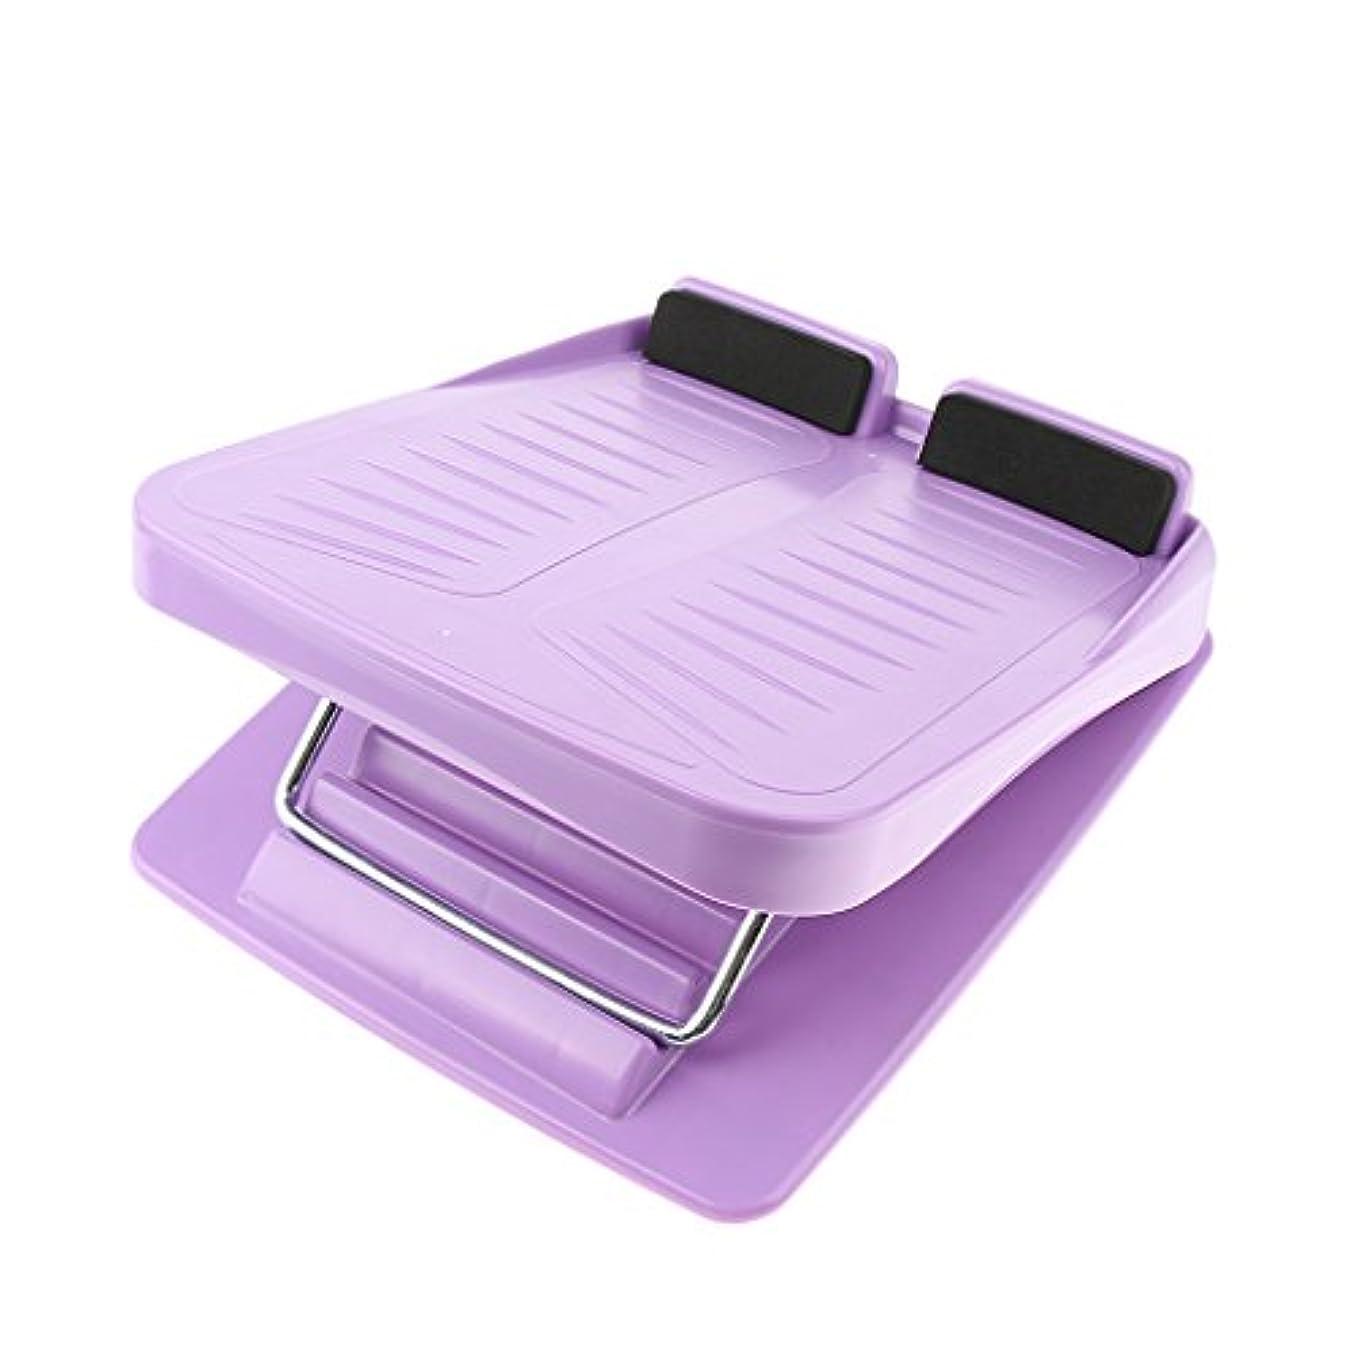 退屈させるアナロジーデータベースP Prettyia ストレッチボード ストレッチ台 調整可能 アンチスリップ カーフストレッチ 斜面ボード 全3色 - 紫の